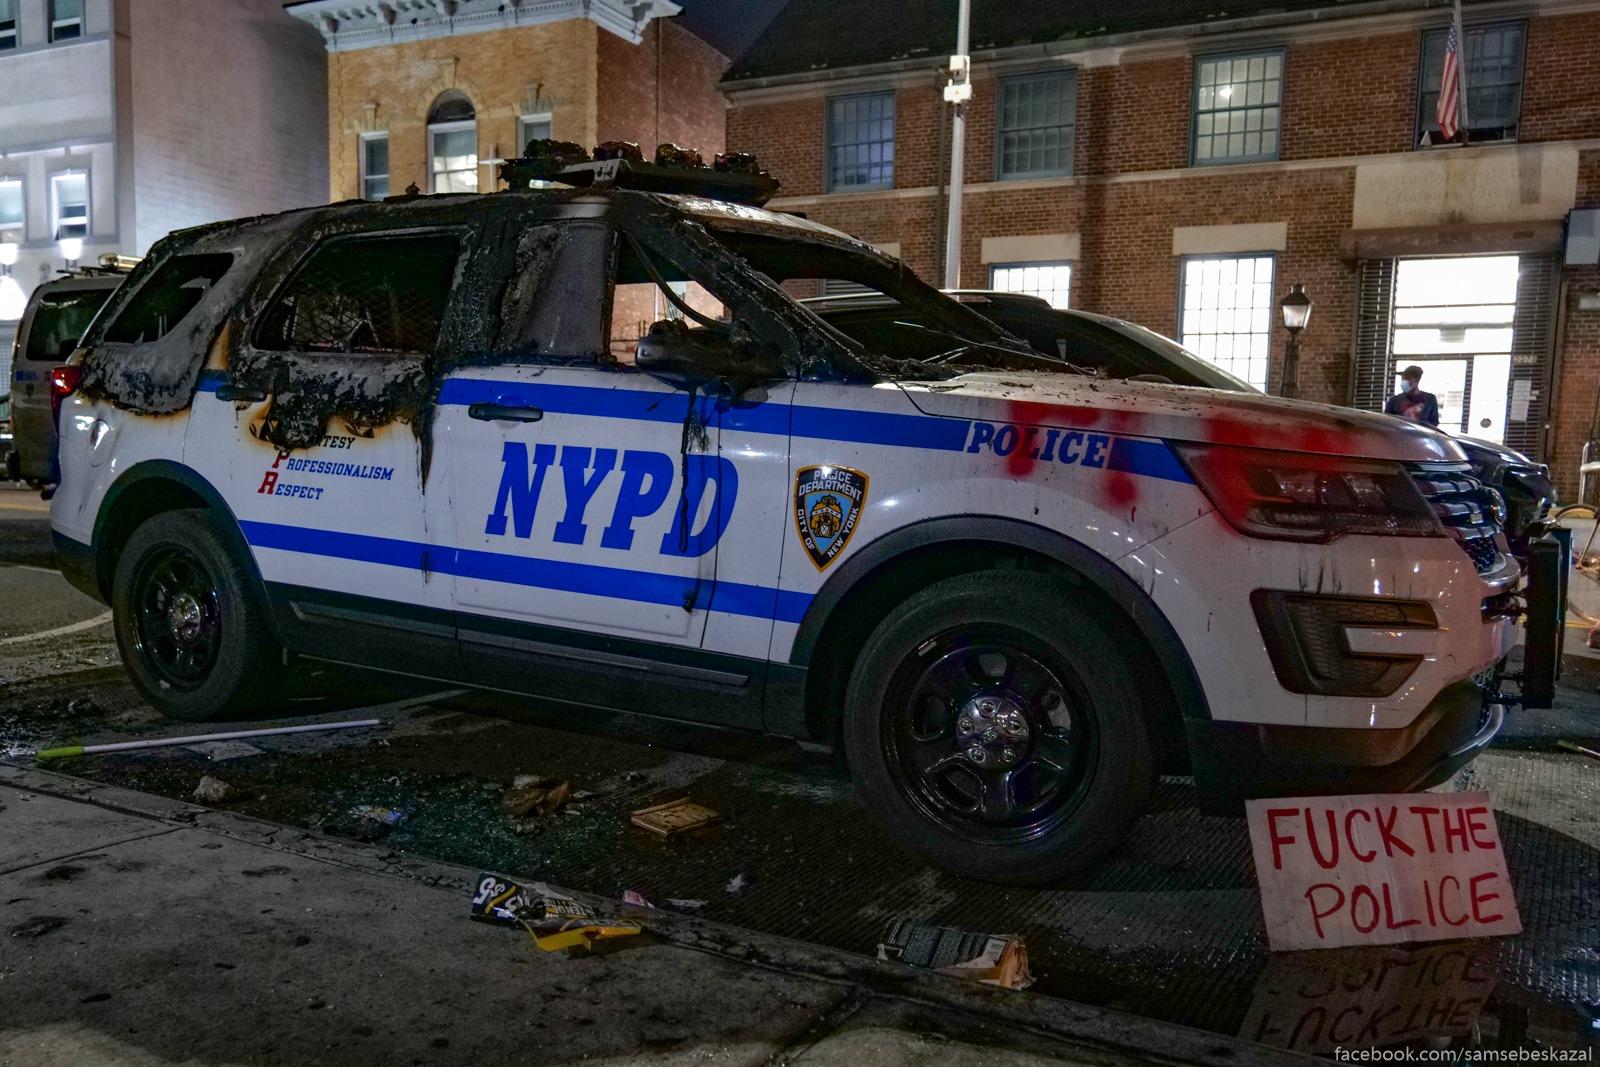 Fuck tht police. Novenʹkaa...